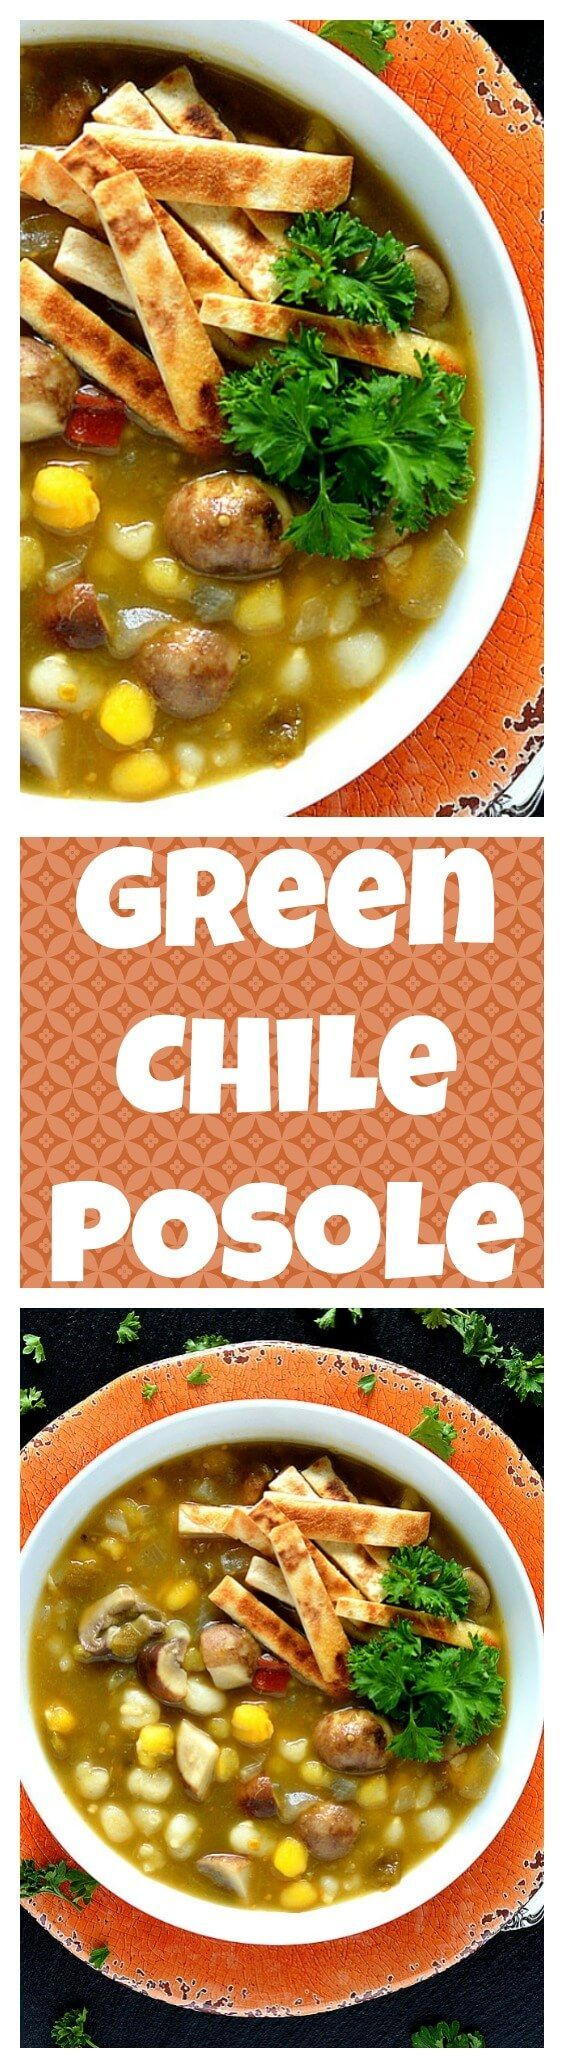 Green Chile Portobello Posole